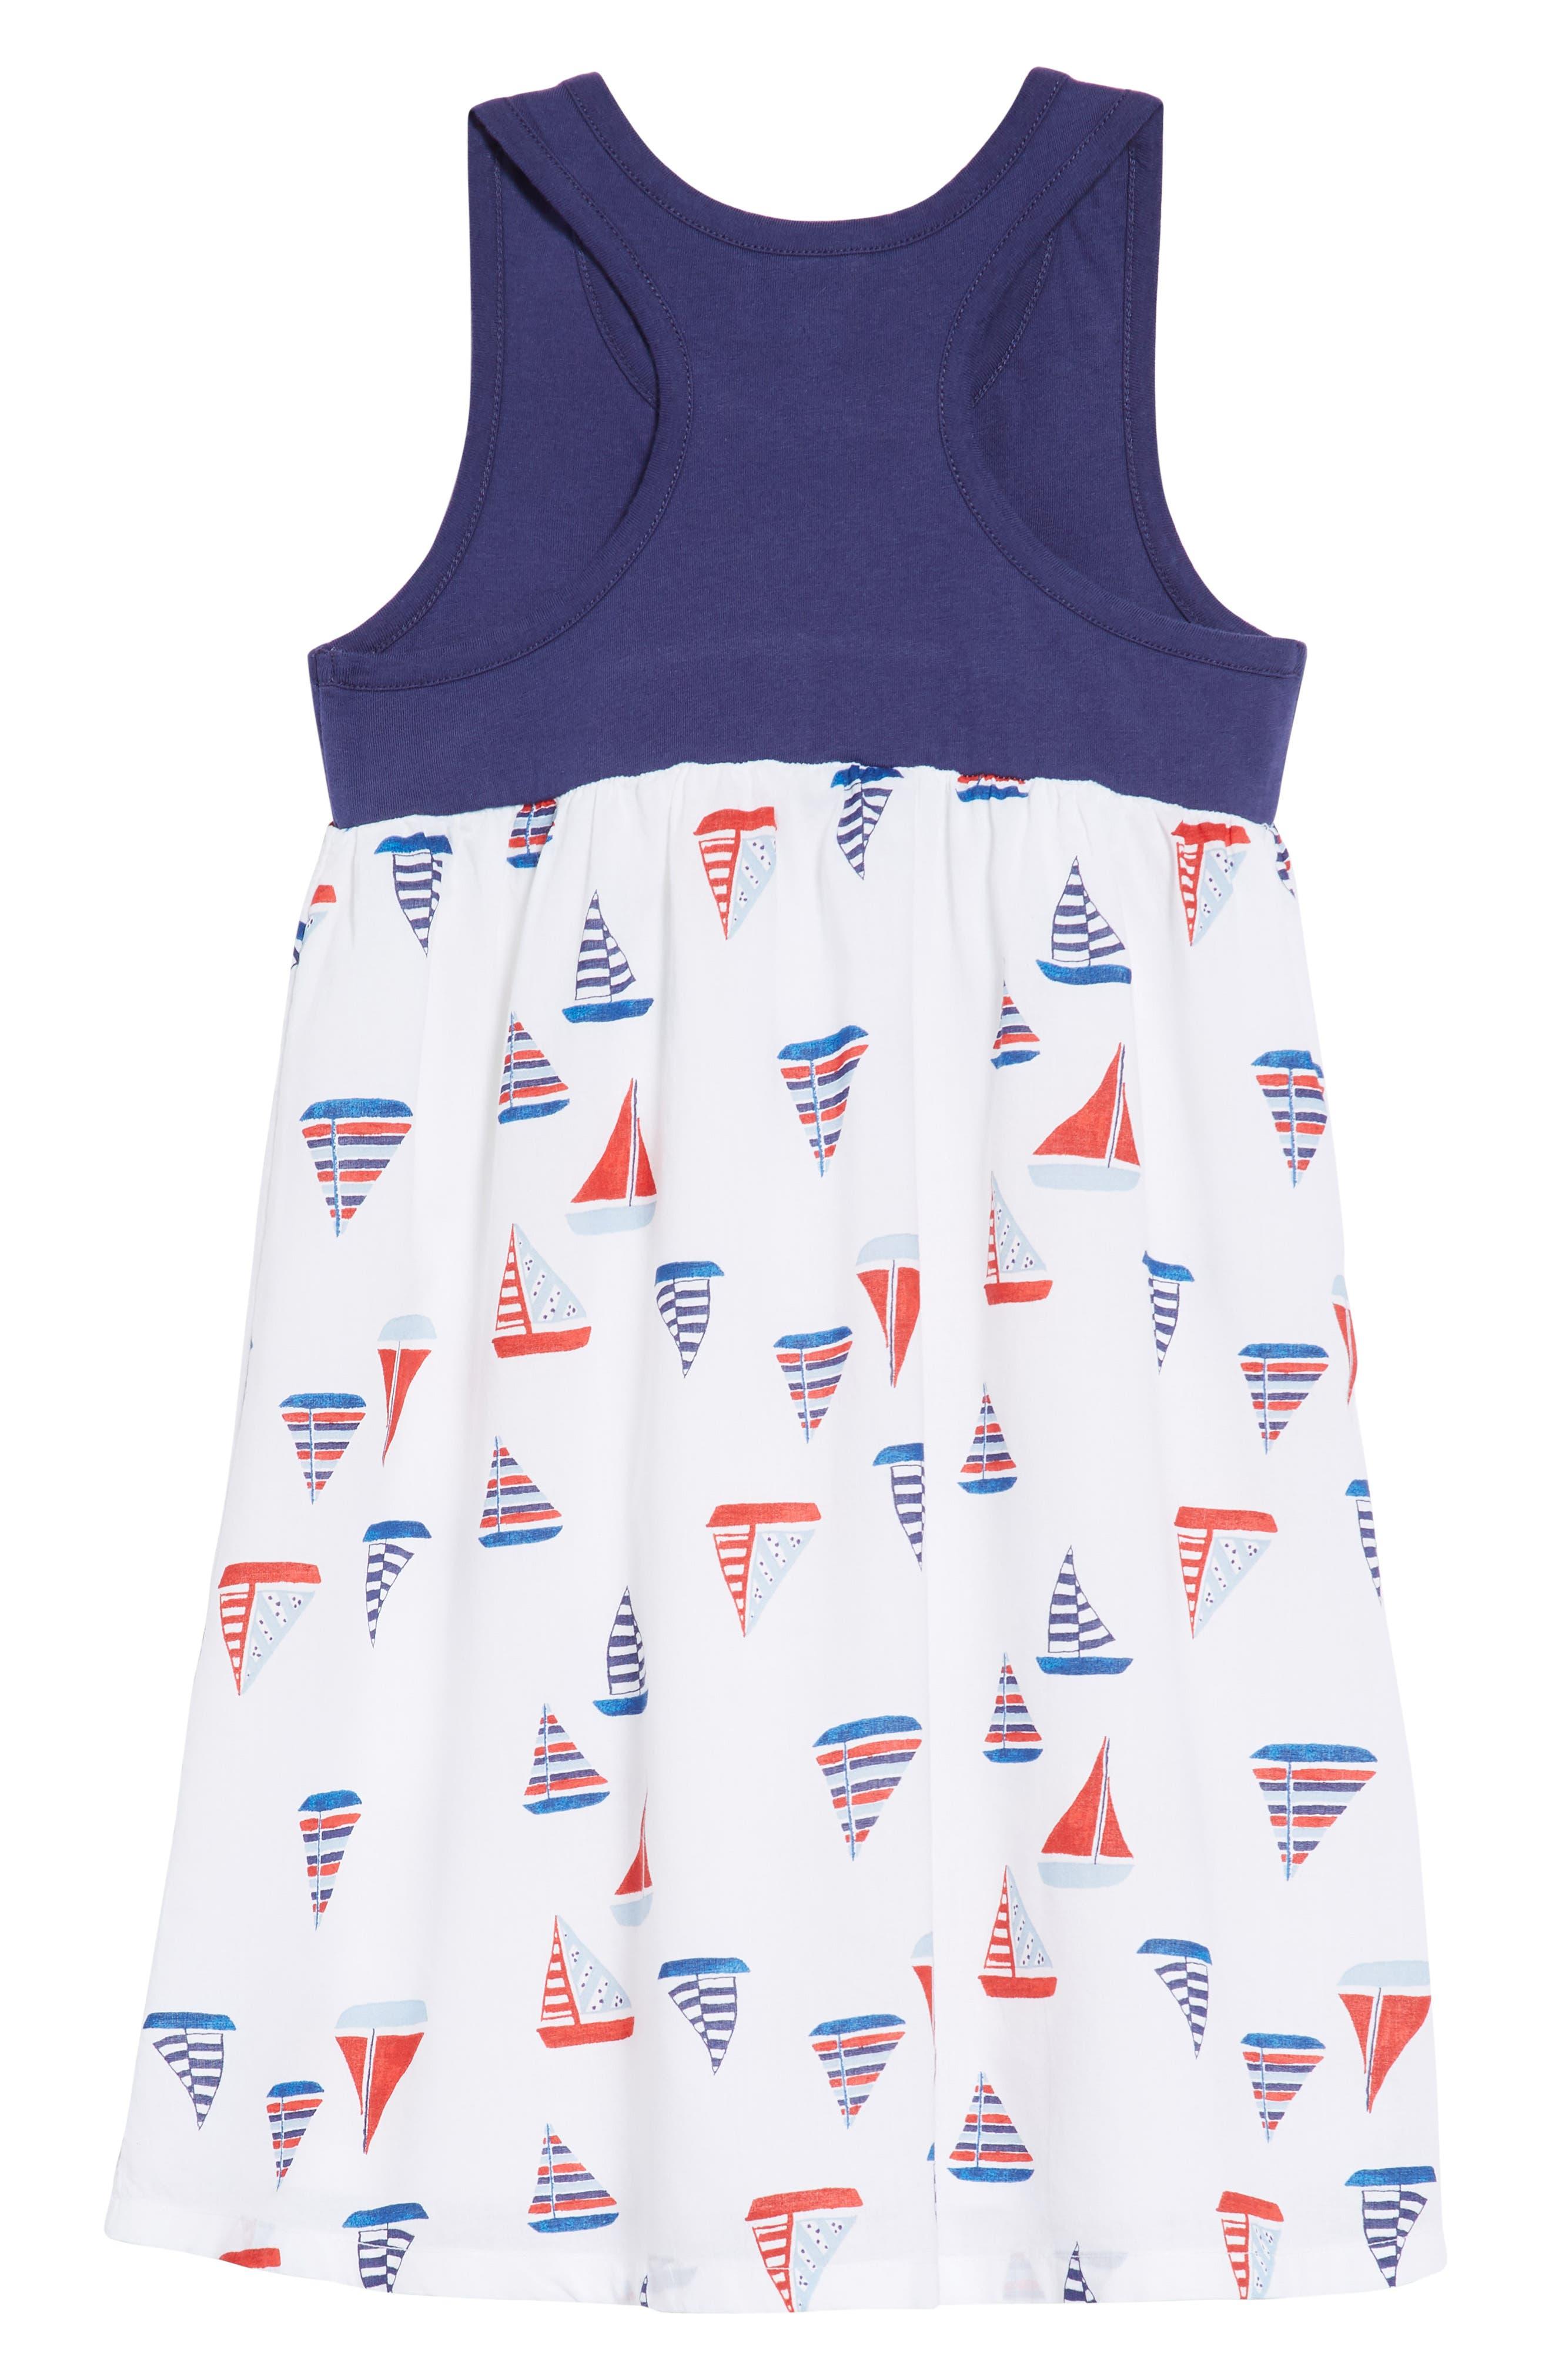 Racerback Tank Dress,                             Alternate thumbnail 2, color,                             White Multi Sailboats